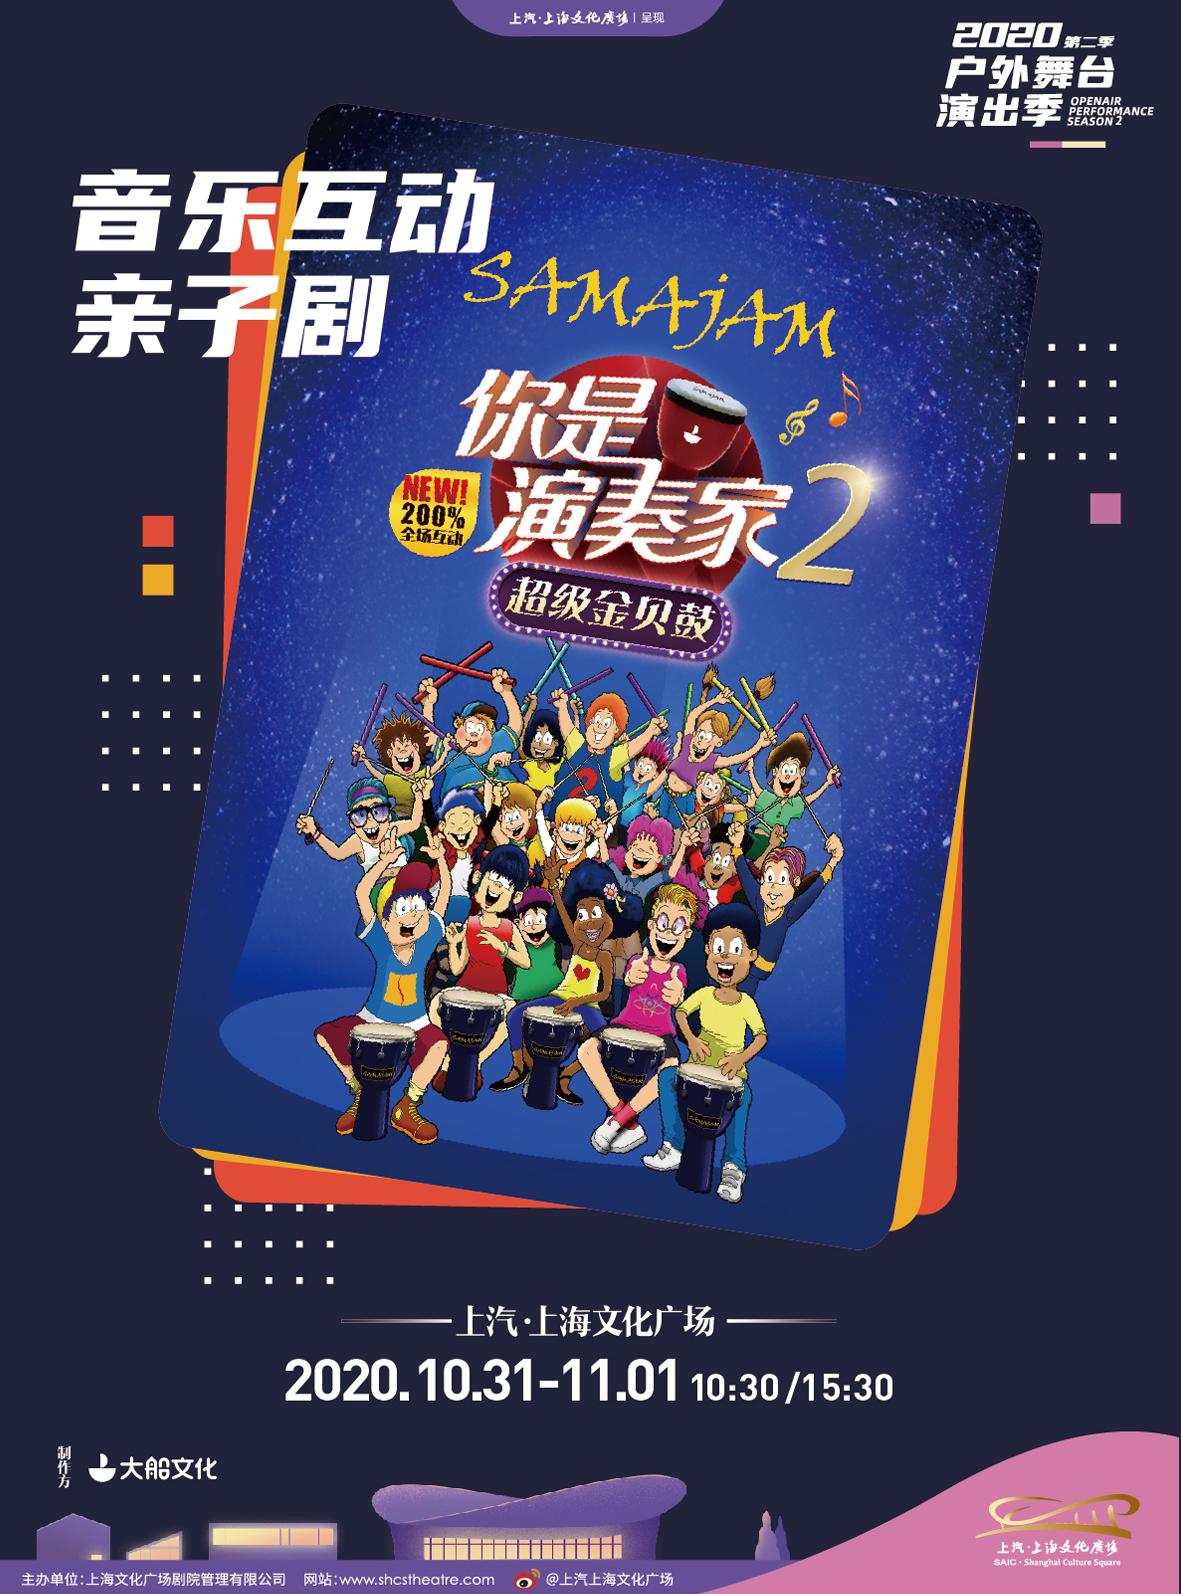 亲子剧《你是演奏家2·超级金贝鼓》上海站